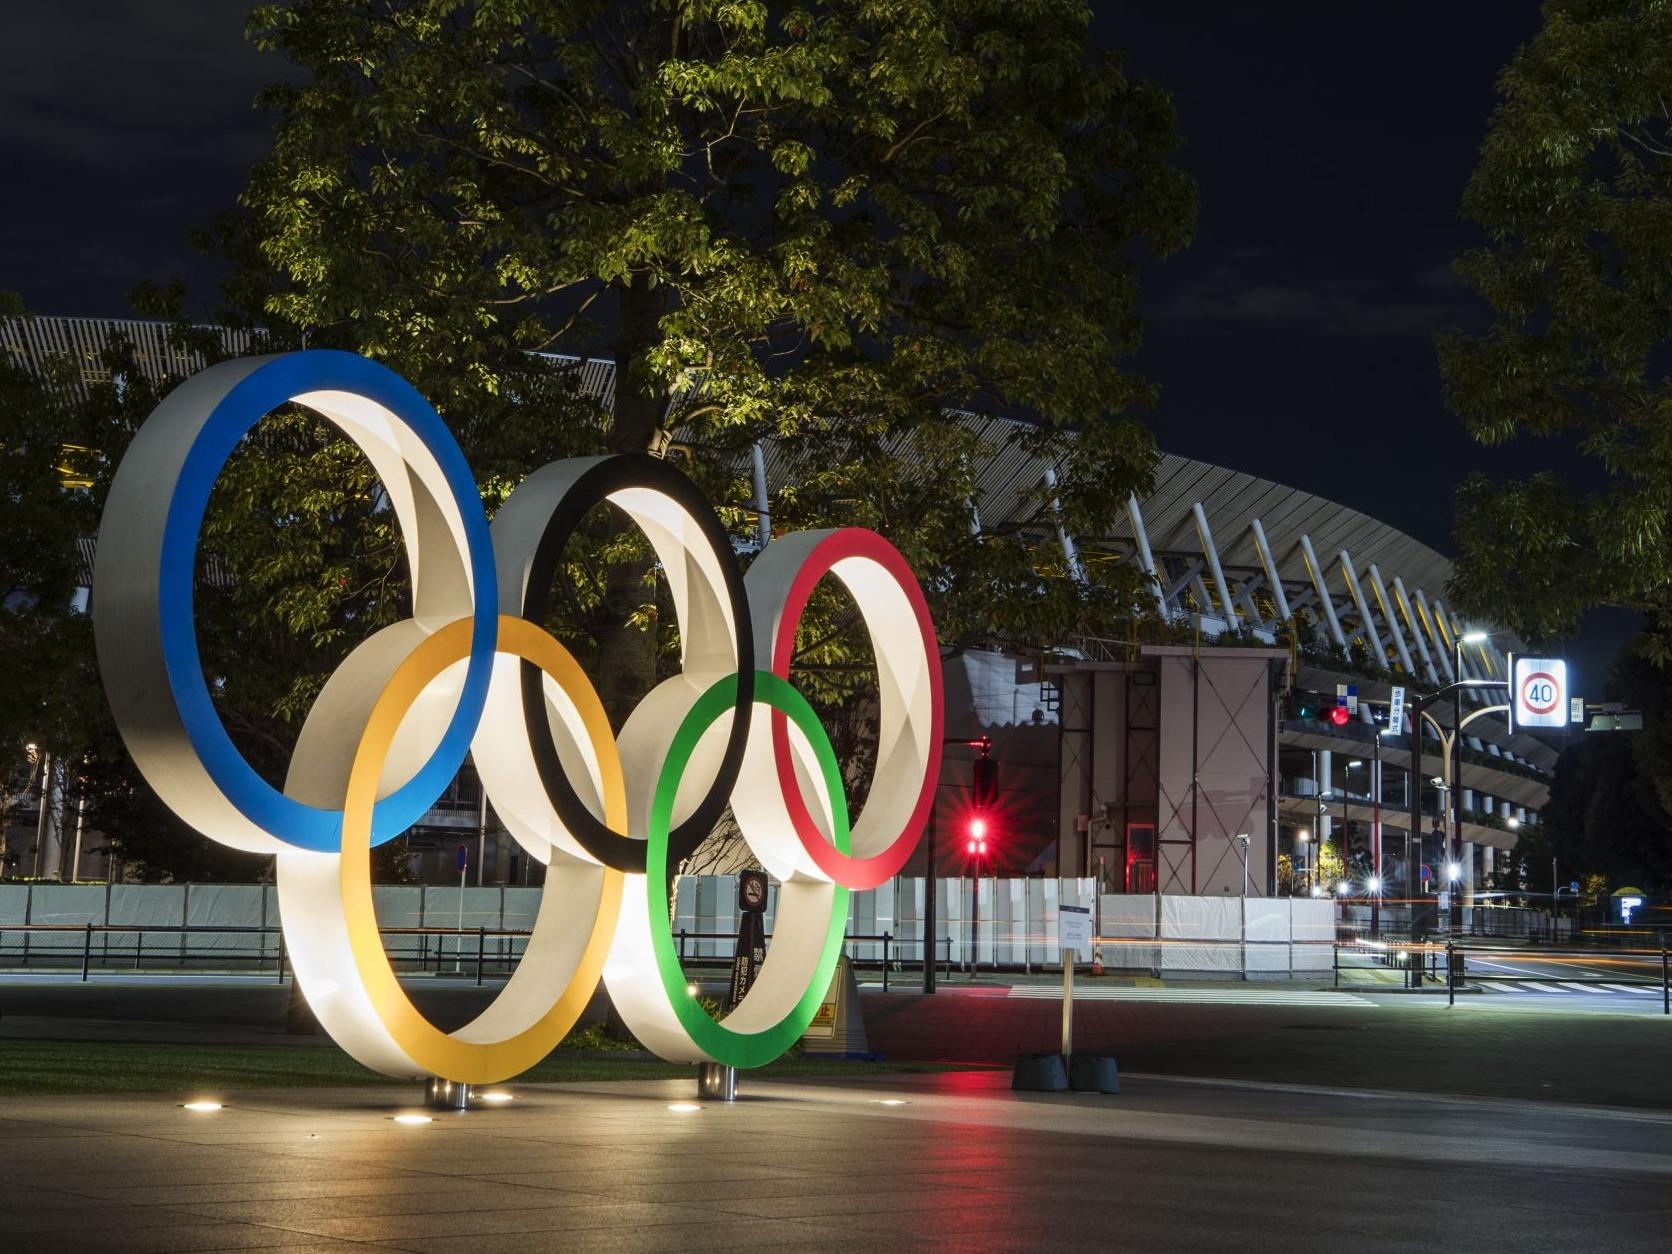 行前檢測、智能追蹤:東京奧運首份防疫安全手冊出臺